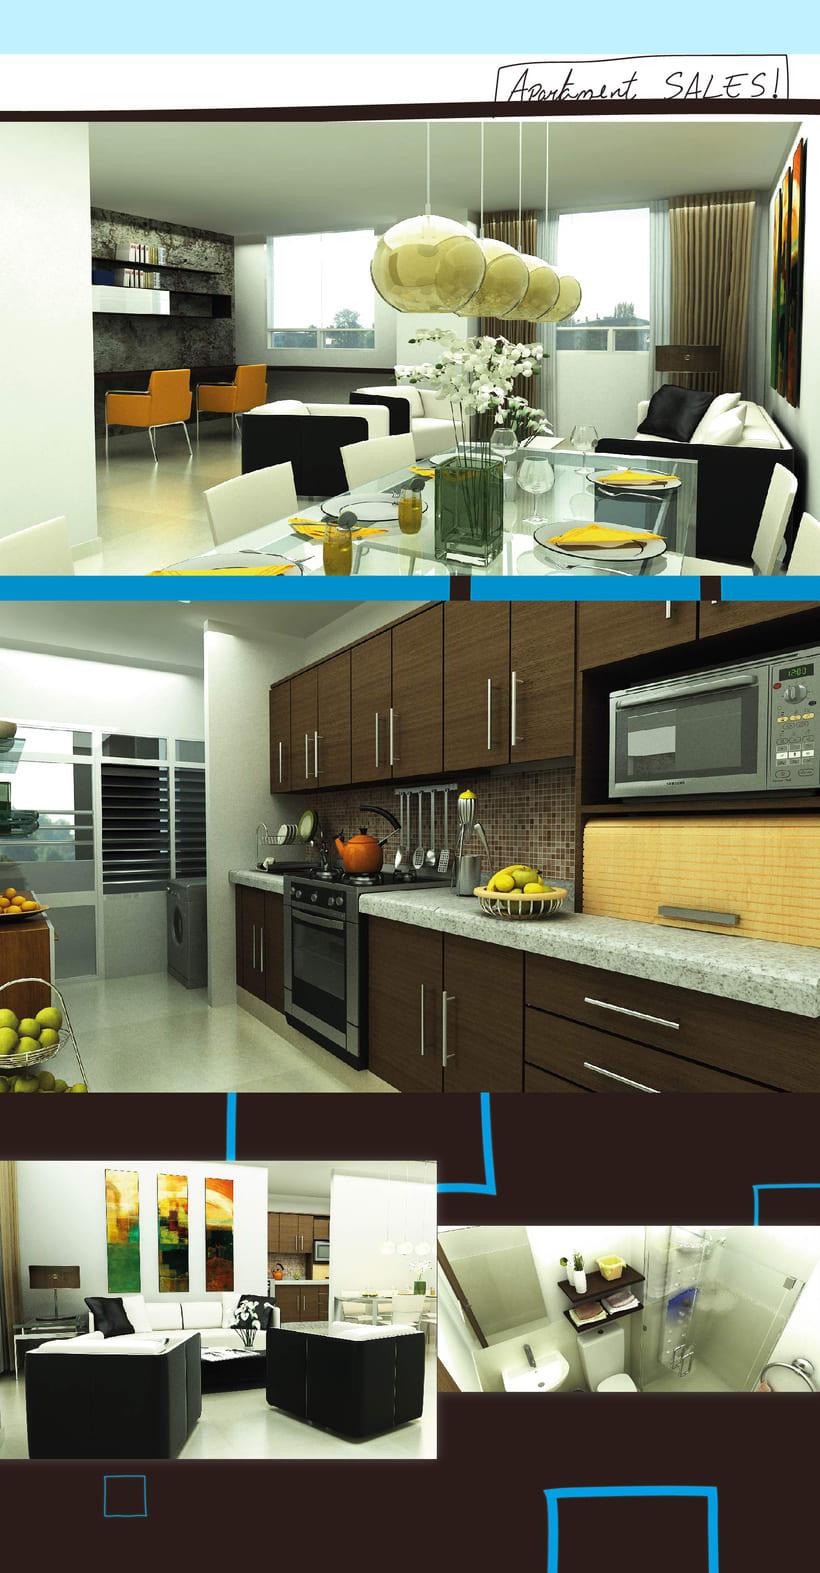 Producción de Imágenes para Ventas  Inmobiliarias 2